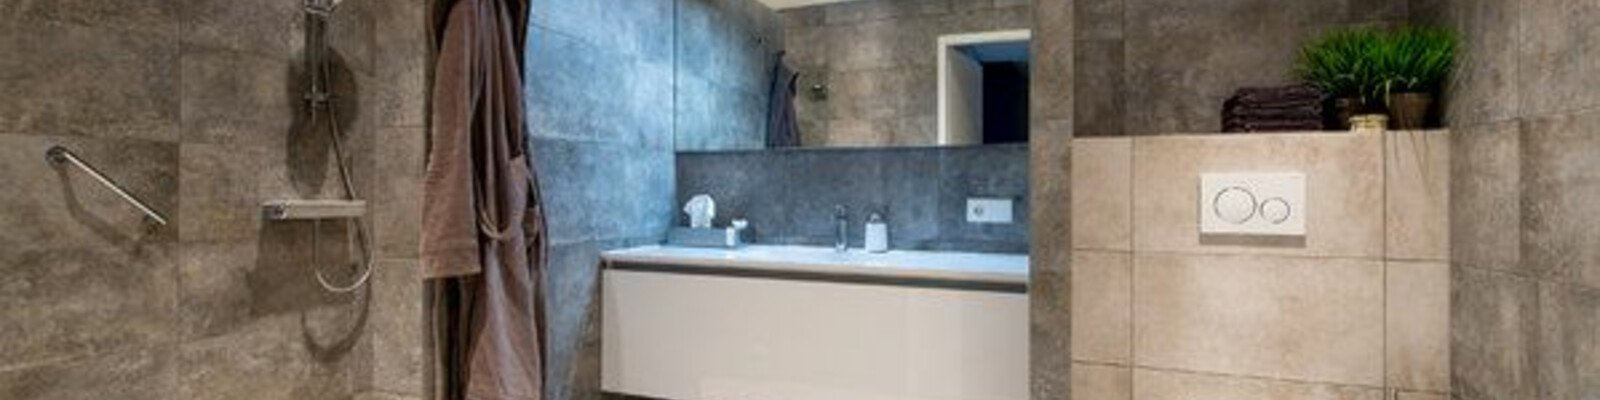 Een tweede toilet in de badkamer: hoe creëer je privacy?